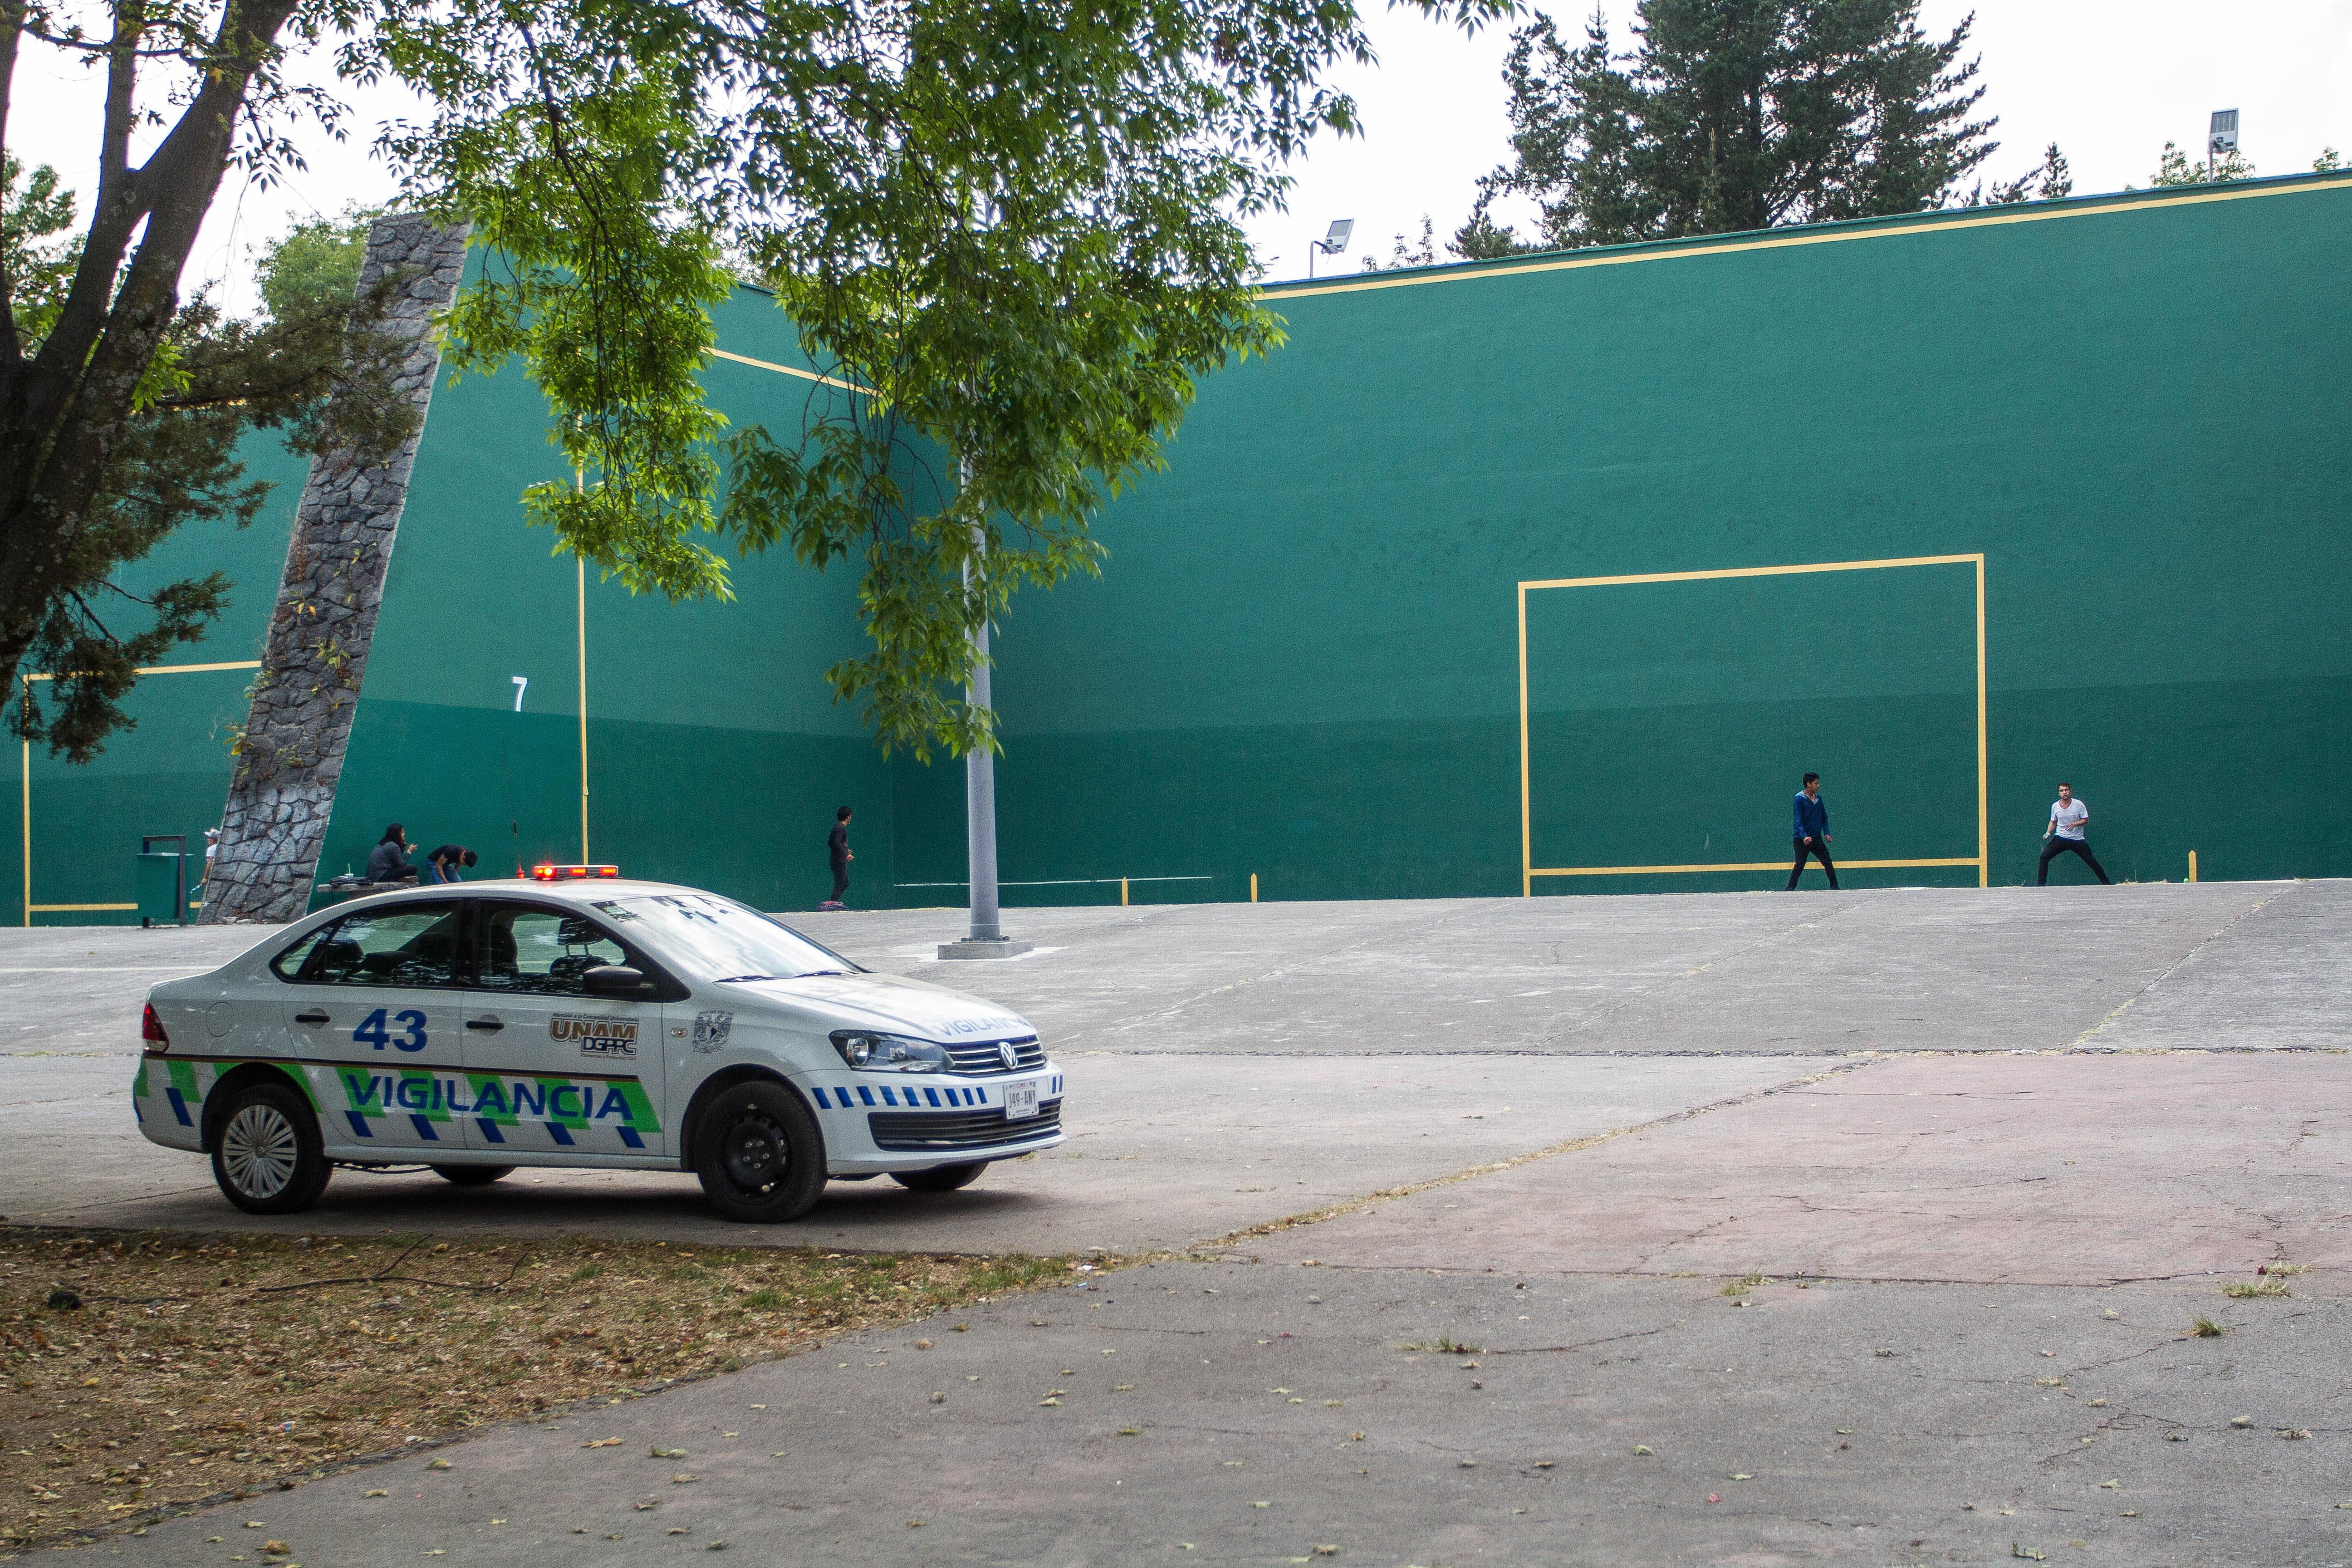 Unidades de vigilancia UNAM continúan con sus recorridos por el campus de Ciudad Universitaria, en especial en la zona del Frontón, en donde la semana pasada asesinaron a dos personas, por supuestos vínculos con el narcotráfico